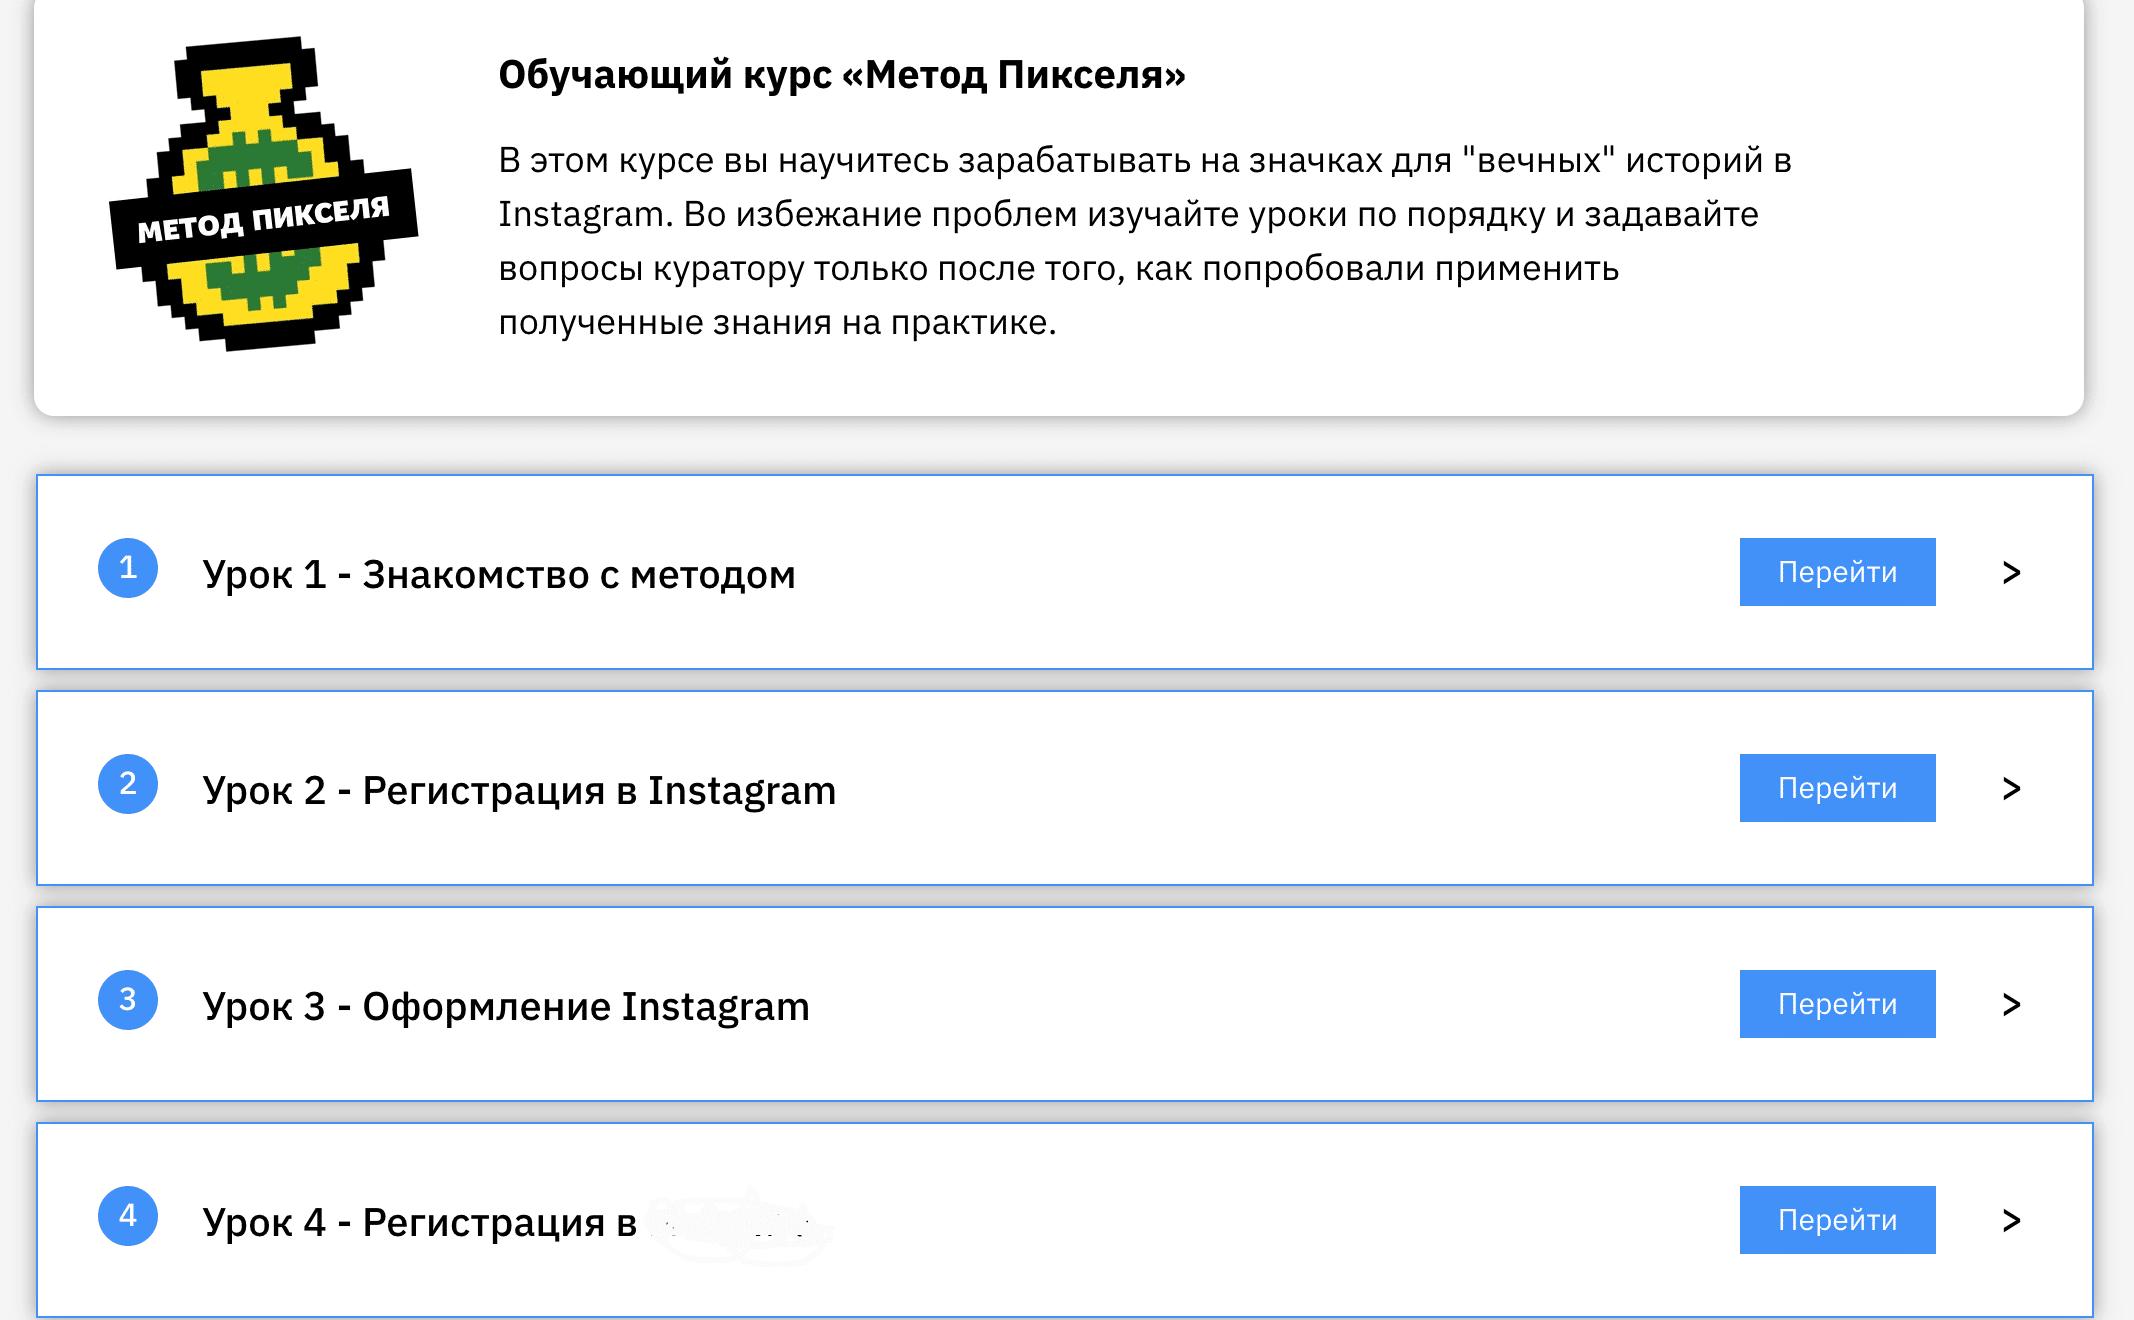 Метод пикселя отзывы